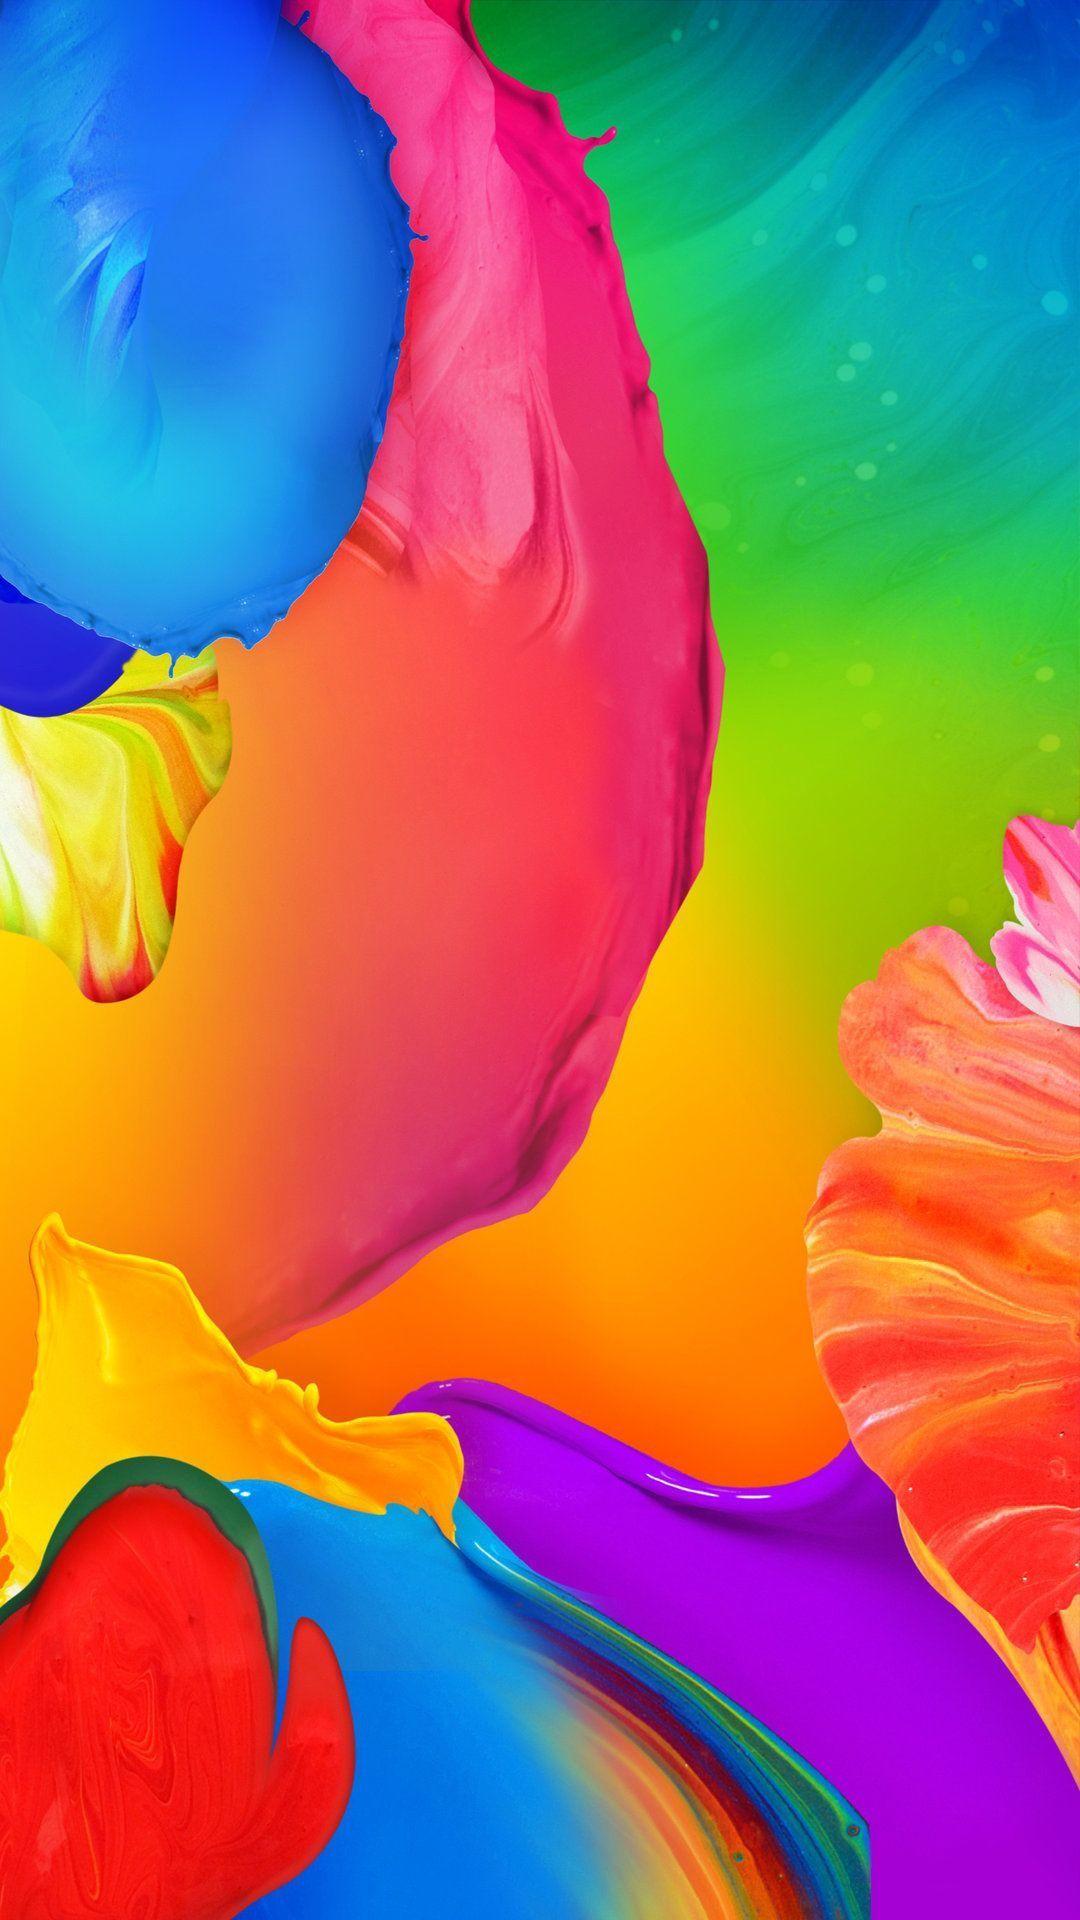 Painting colorful wallpaper in 2018 | Wallpaper Sazum ...